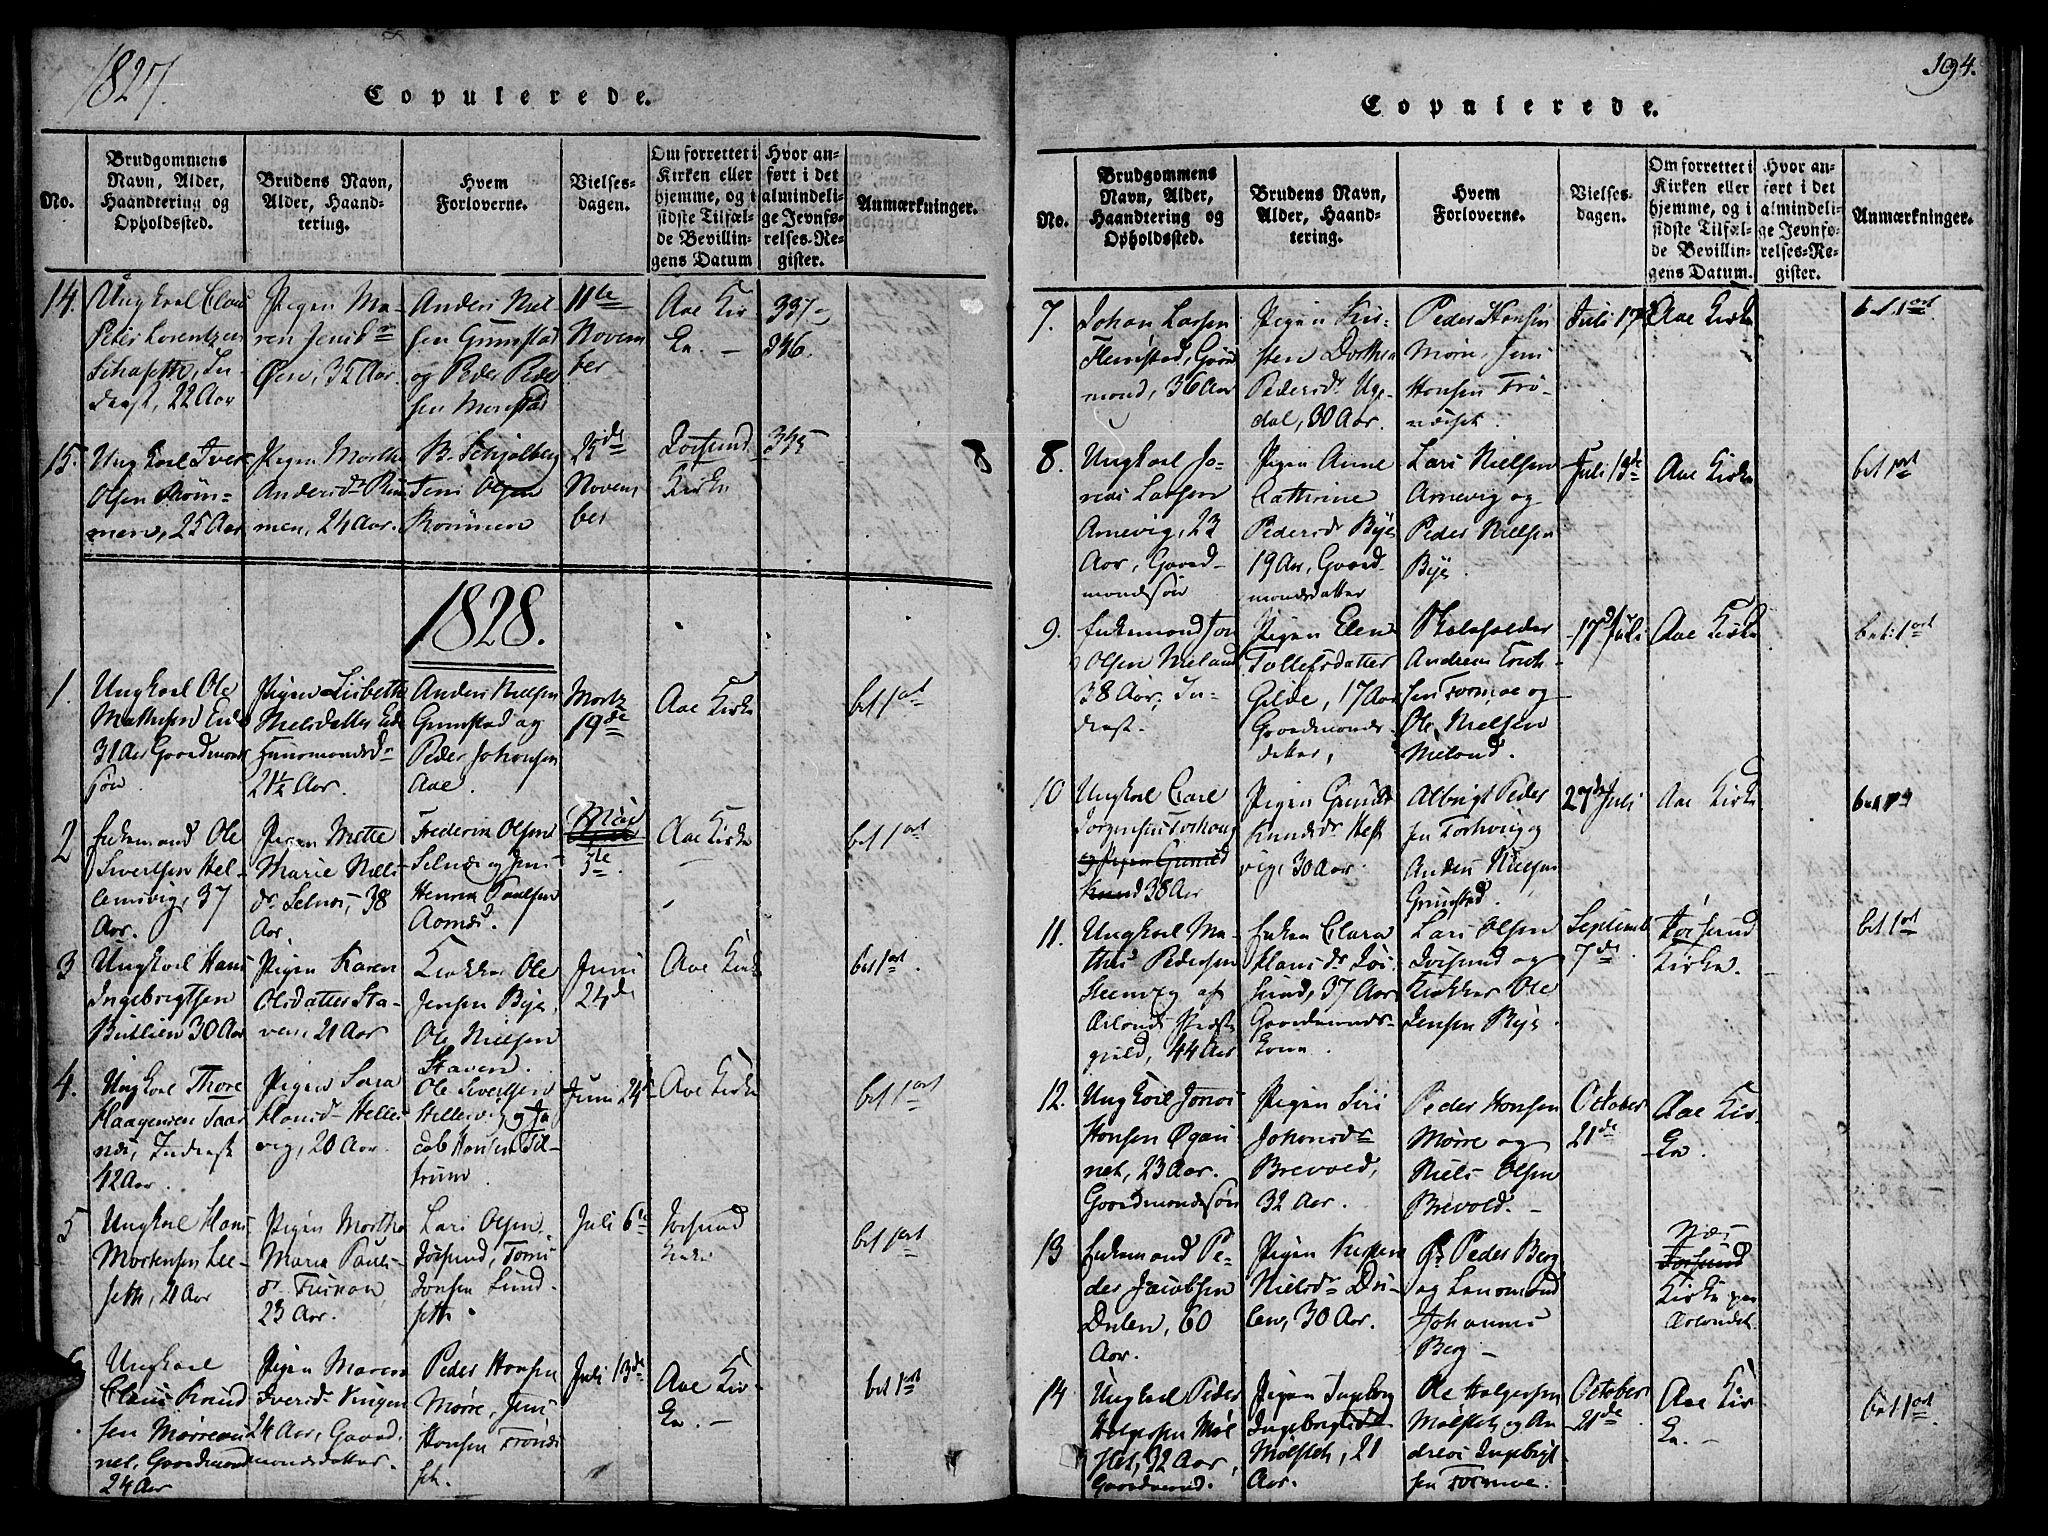 SAT, Ministerialprotokoller, klokkerbøker og fødselsregistre - Sør-Trøndelag, 655/L0675: Ministerialbok nr. 655A04, 1818-1830, s. 194